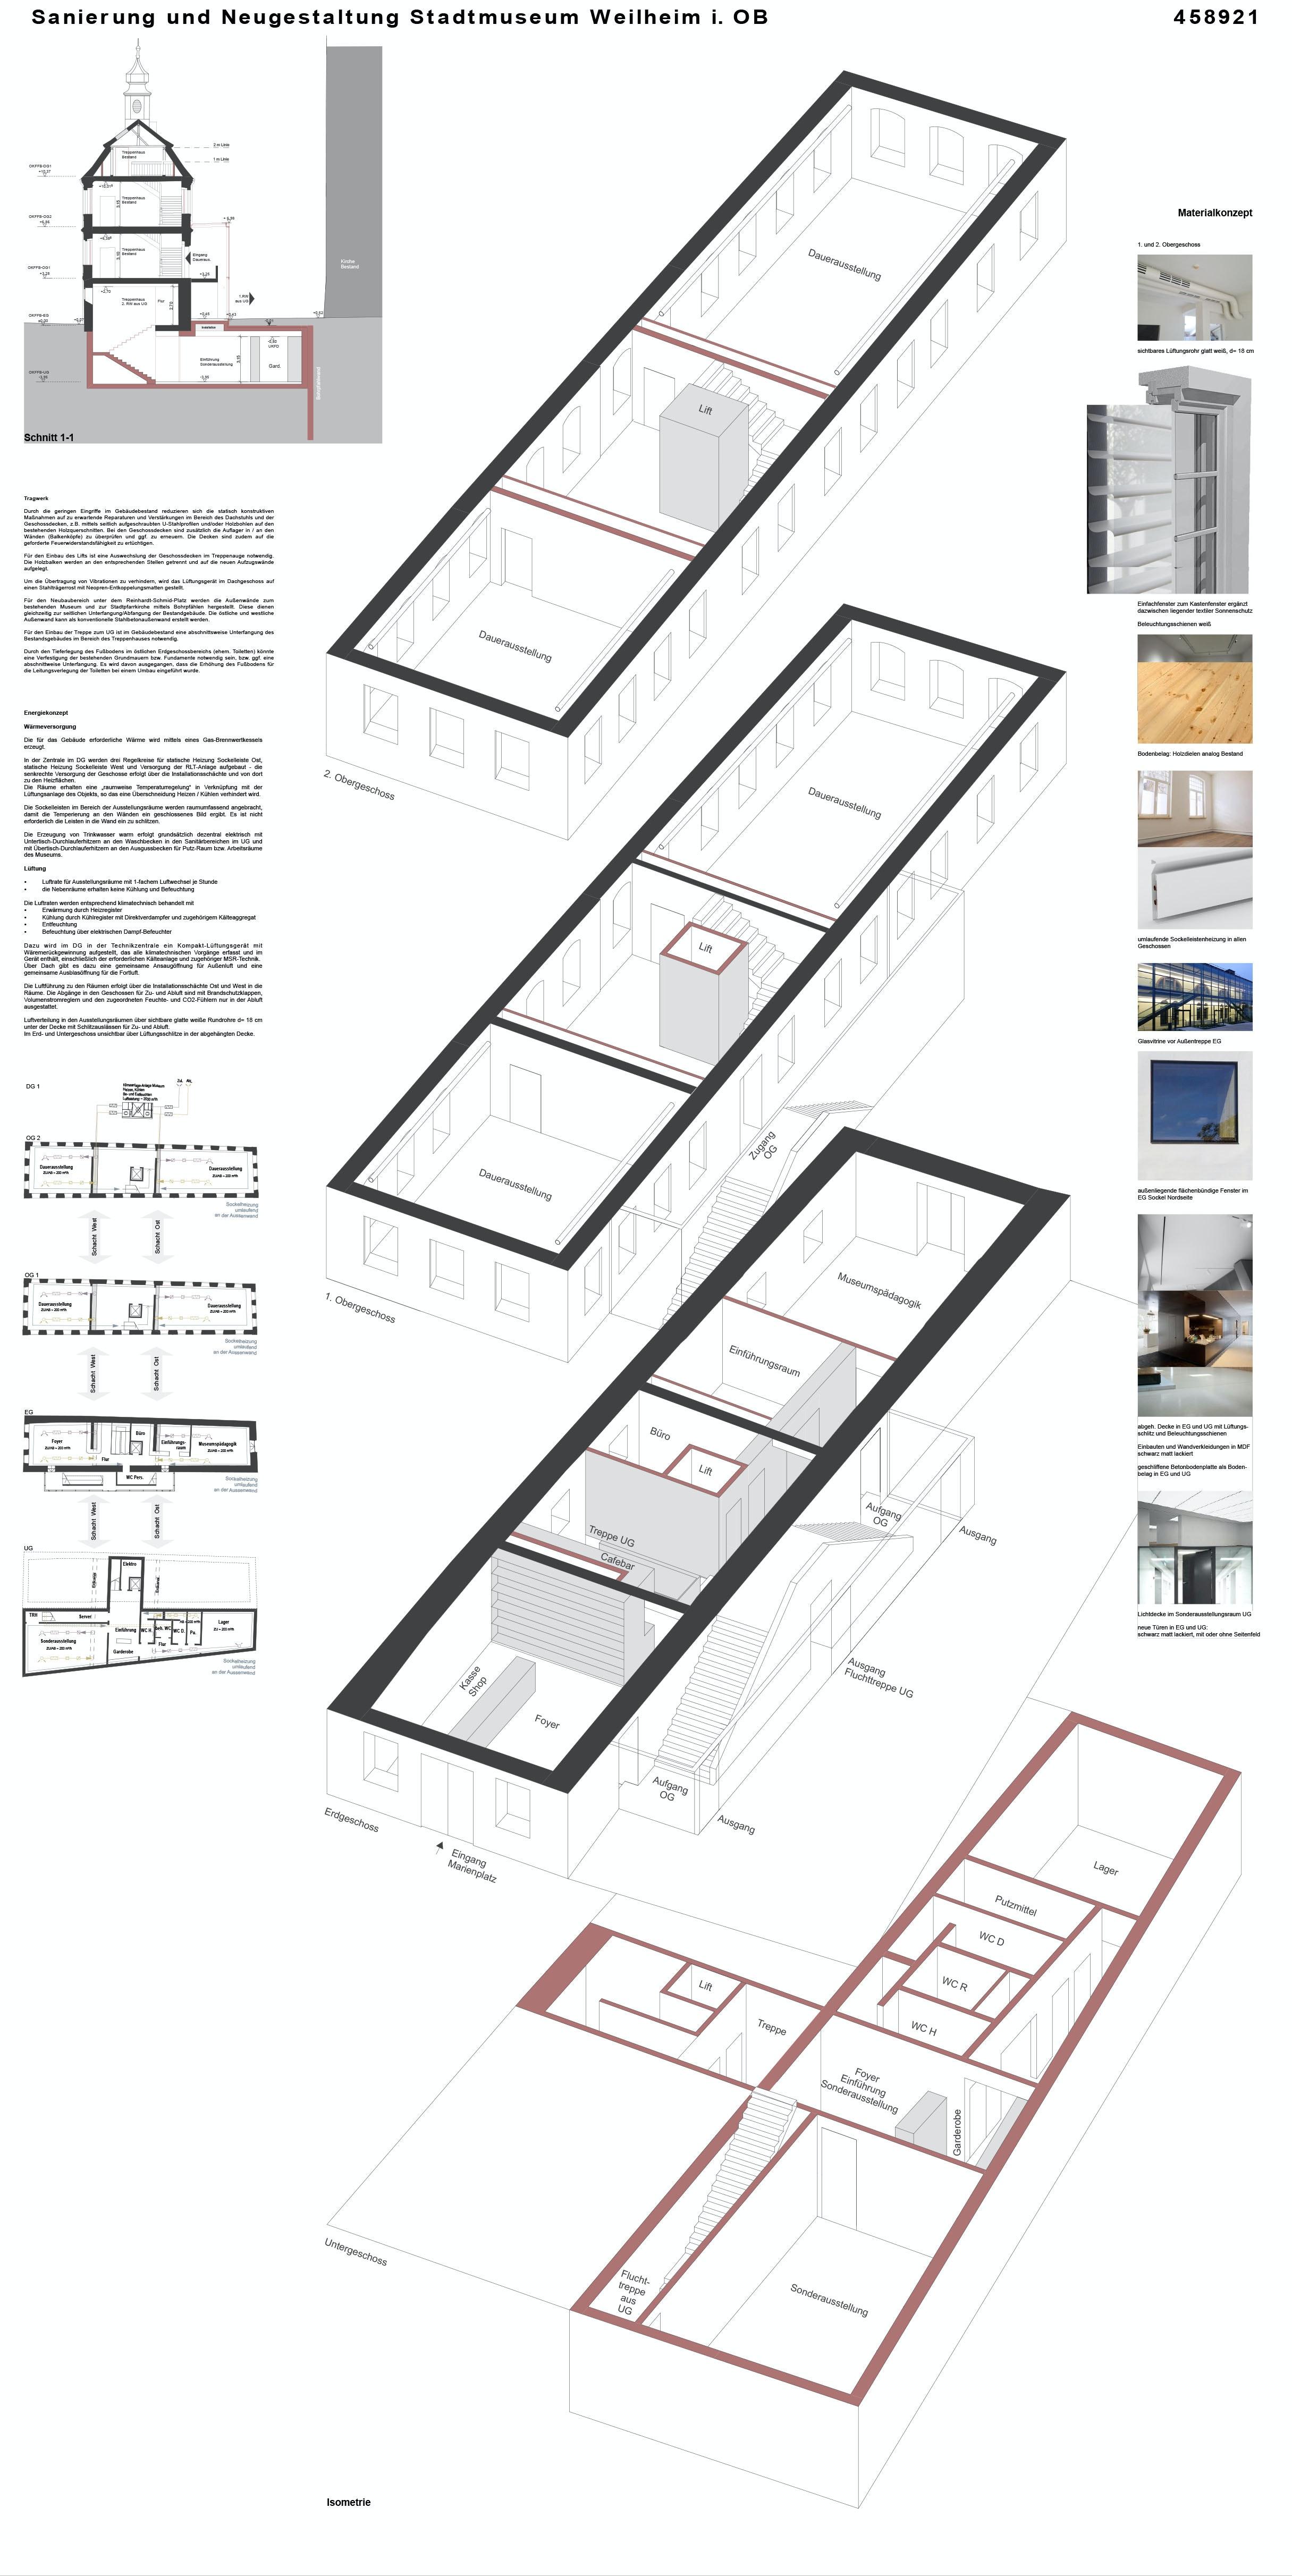 2 Preis Sanierung Und Neugestaltung Des Stadtmuseum Competitionline